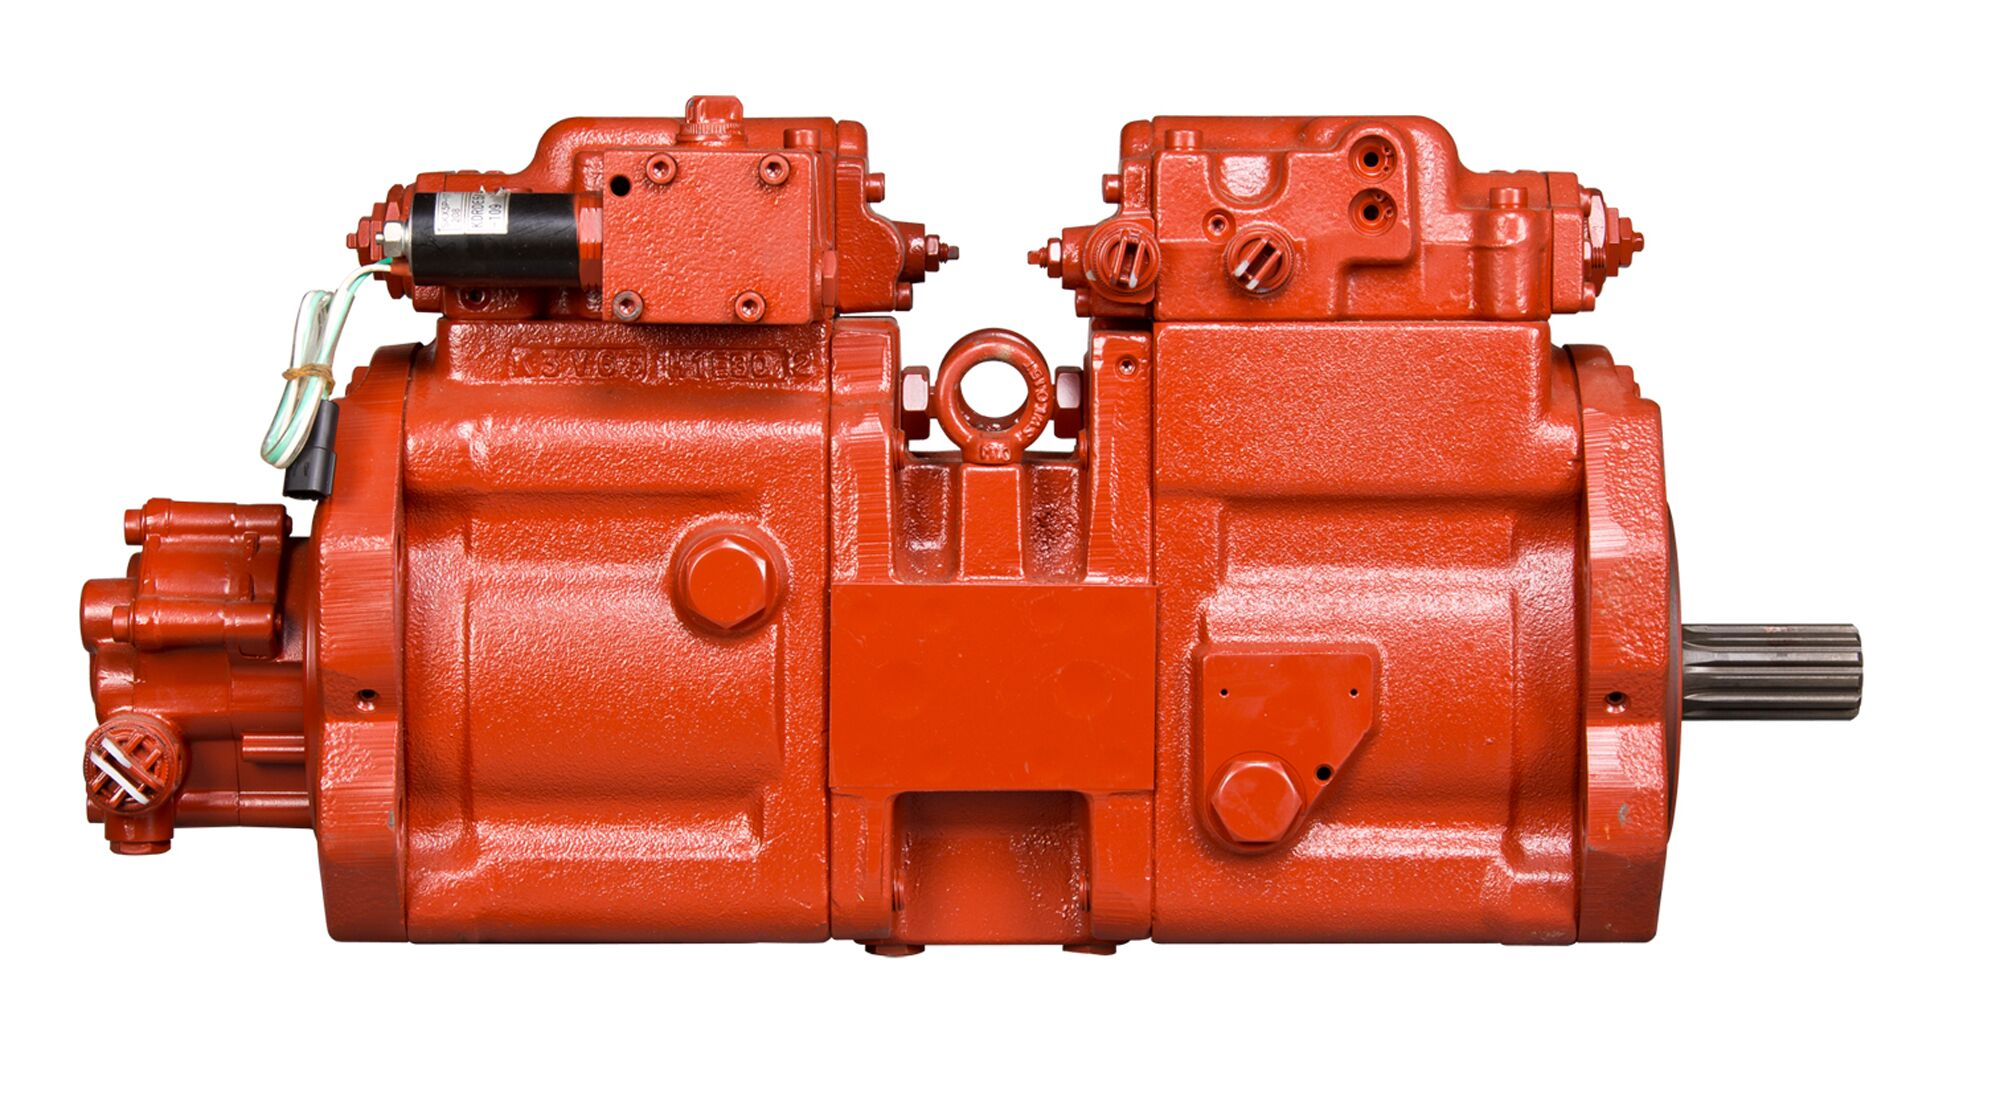 工程机械更换新液压泵后的注意事项